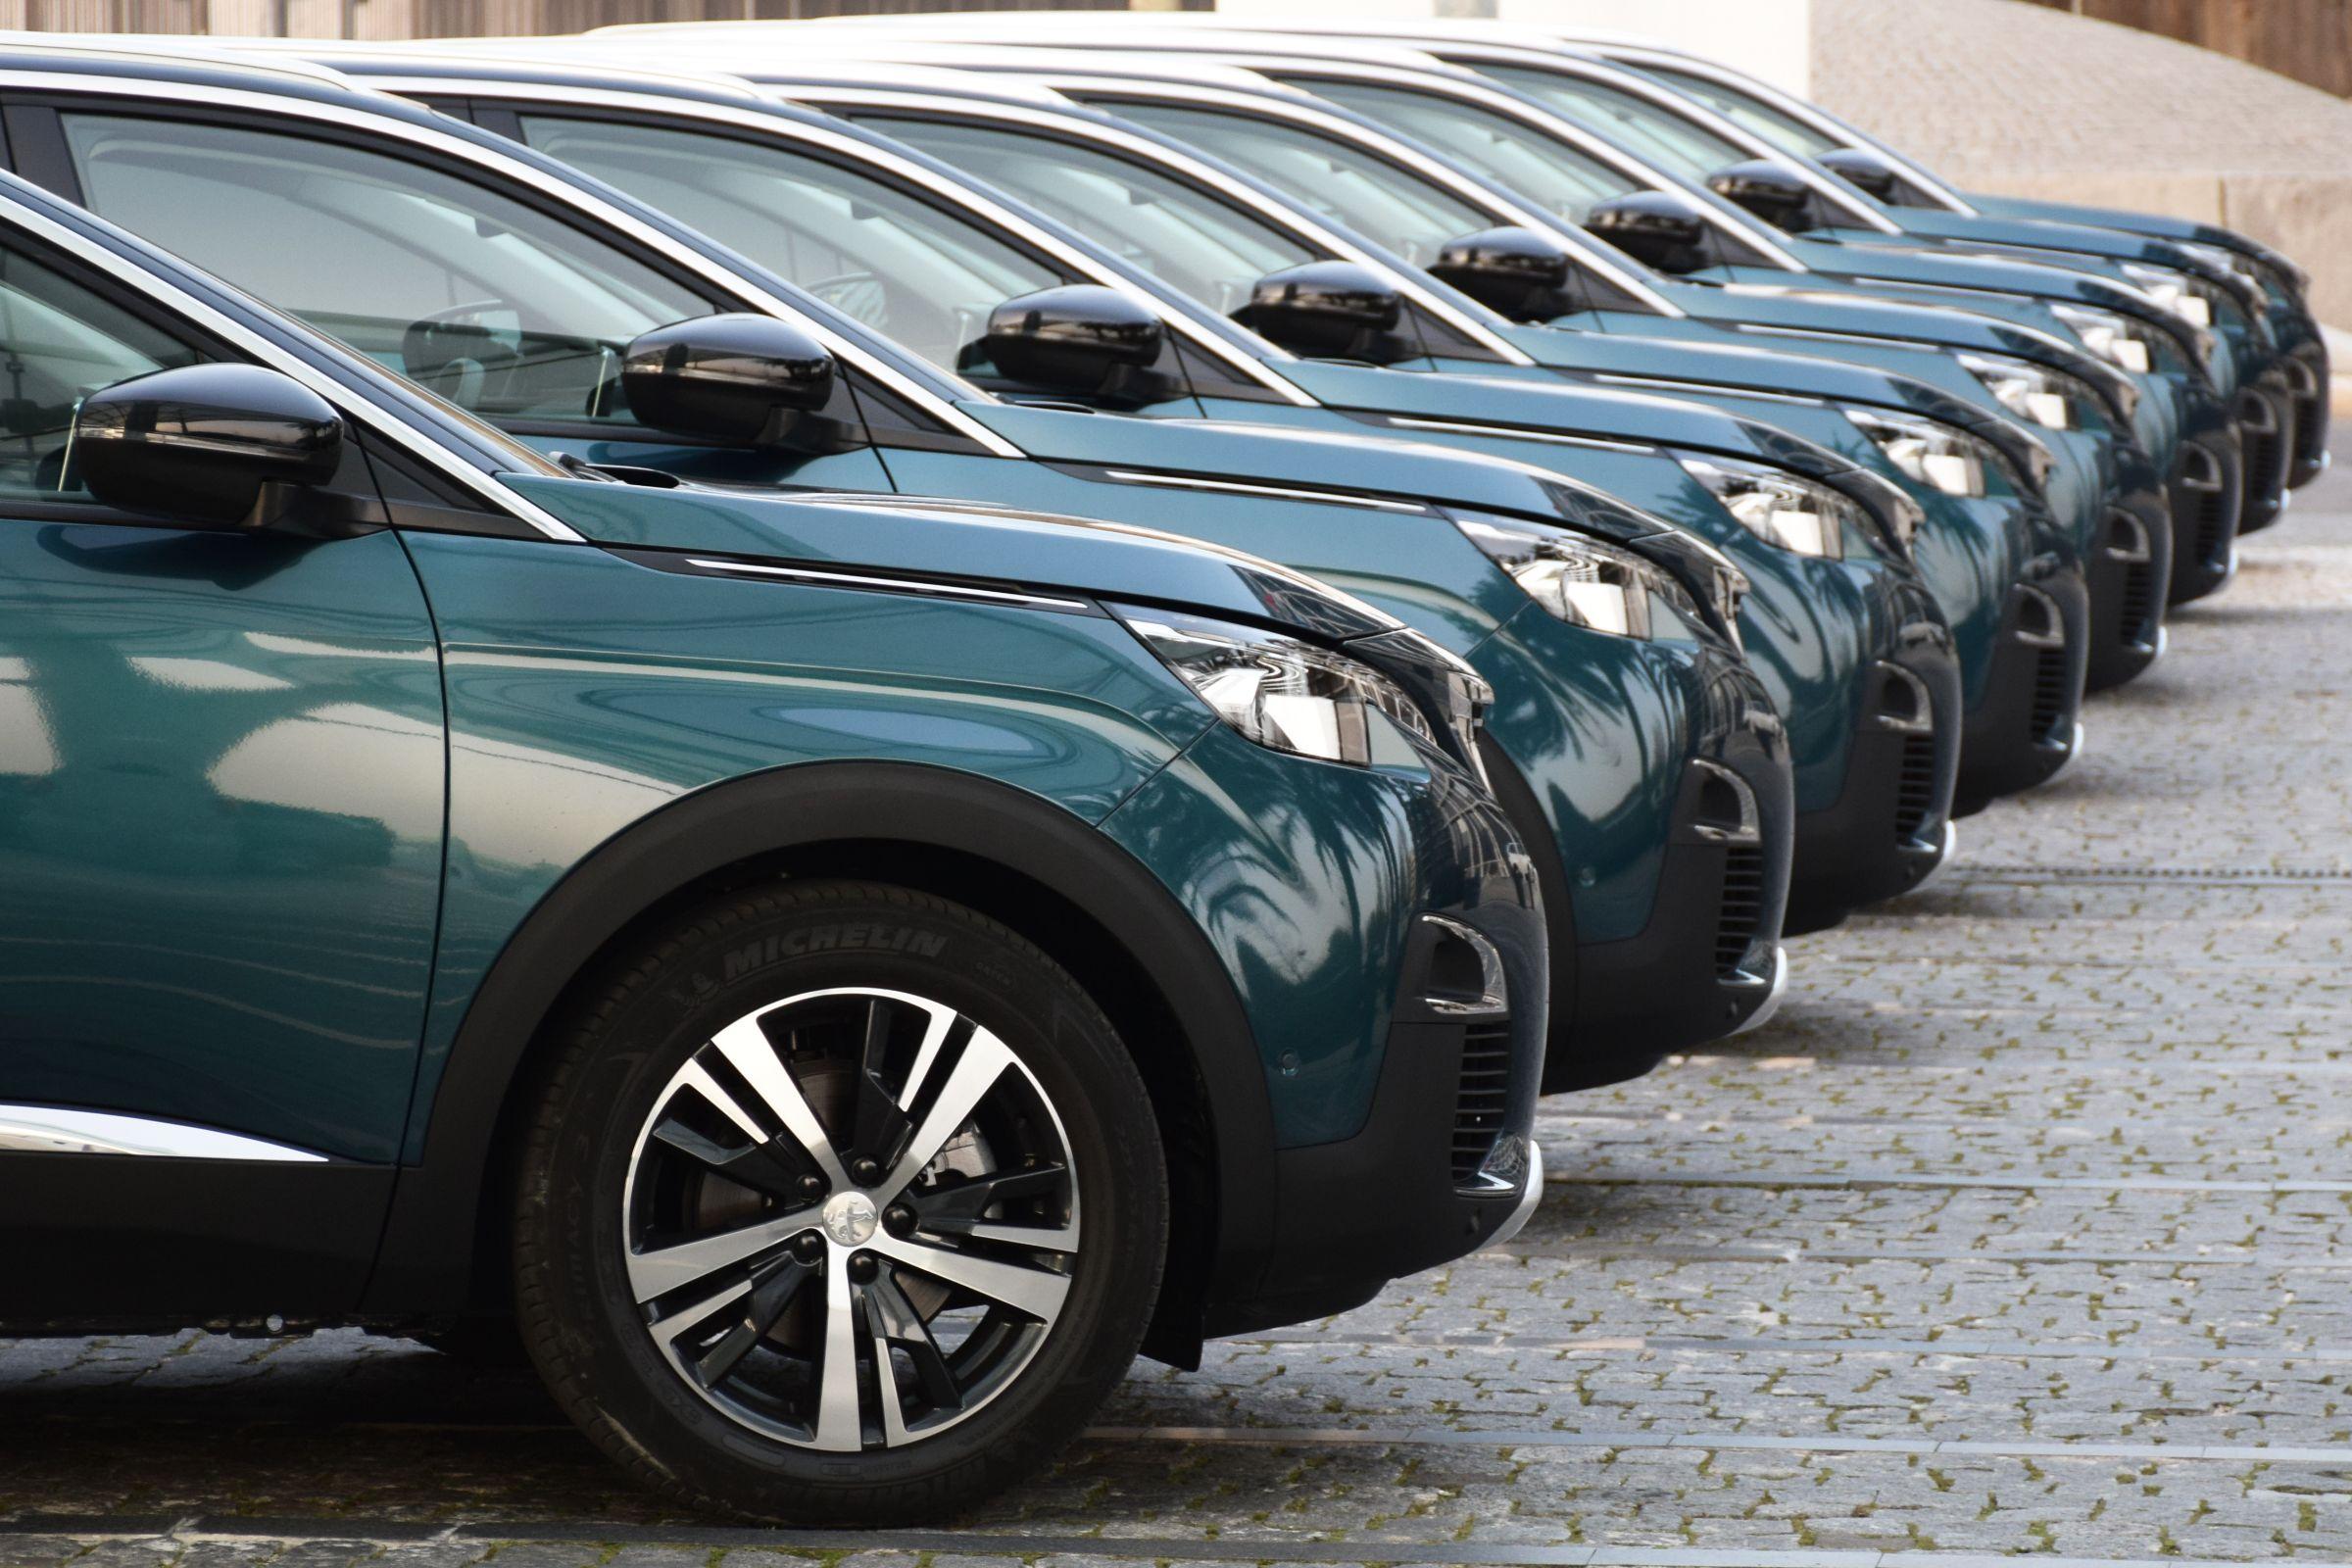 Receber infrações de lugares pelos quais nunca passou é o primeiro indício de carro clonado. Saiba como requisitar a troca de placas e se livrar das multas.